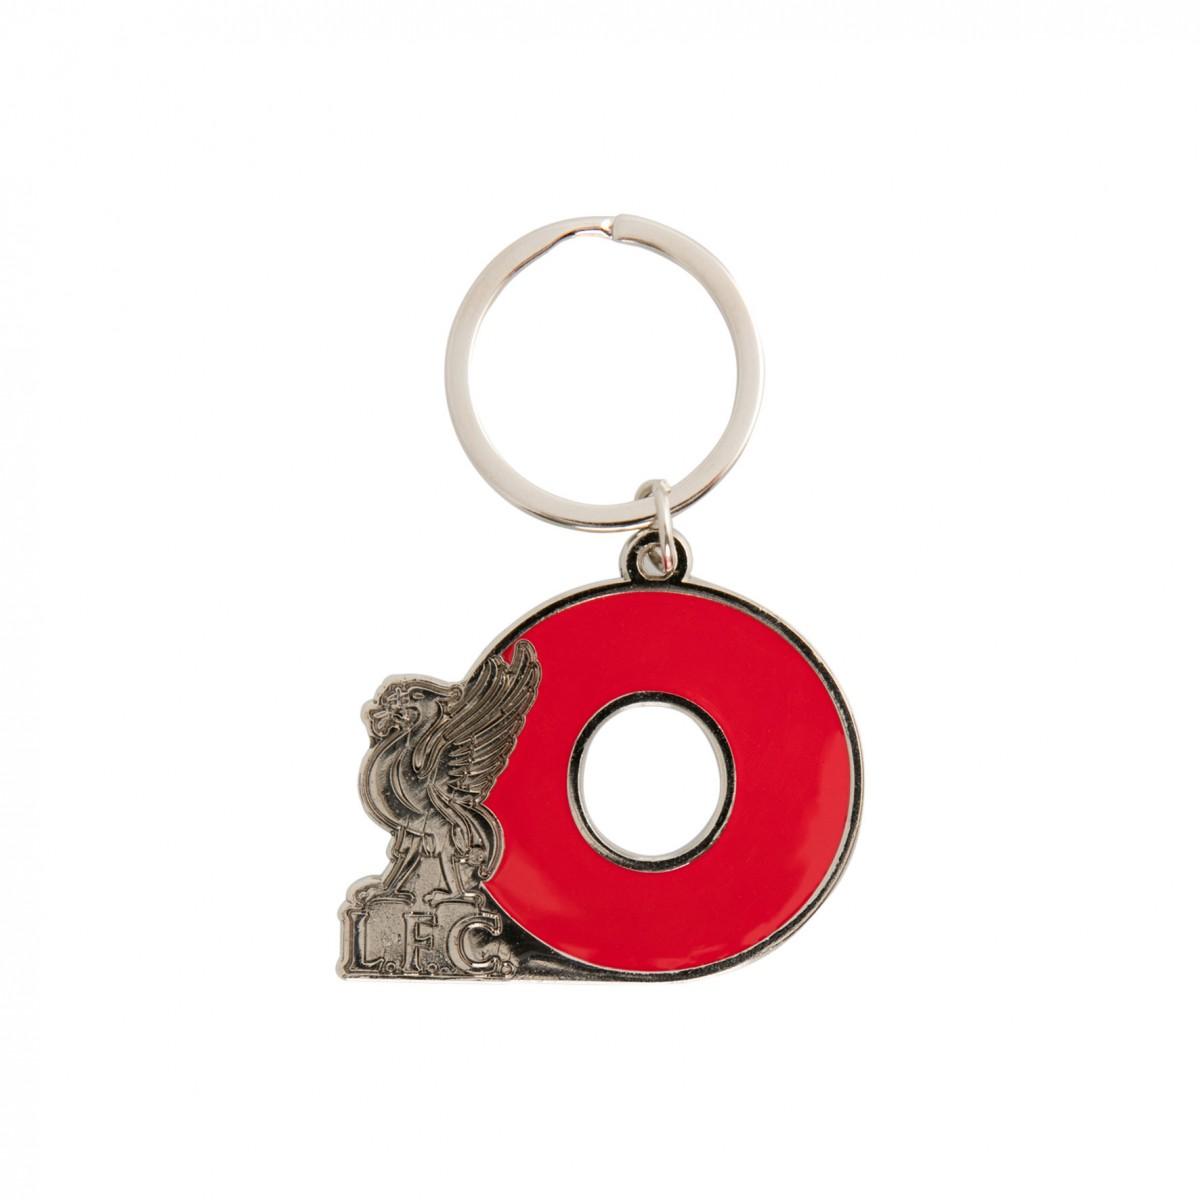 พวงกุญแจลิเวอร์พูลอักษรย่อ O ของแท้